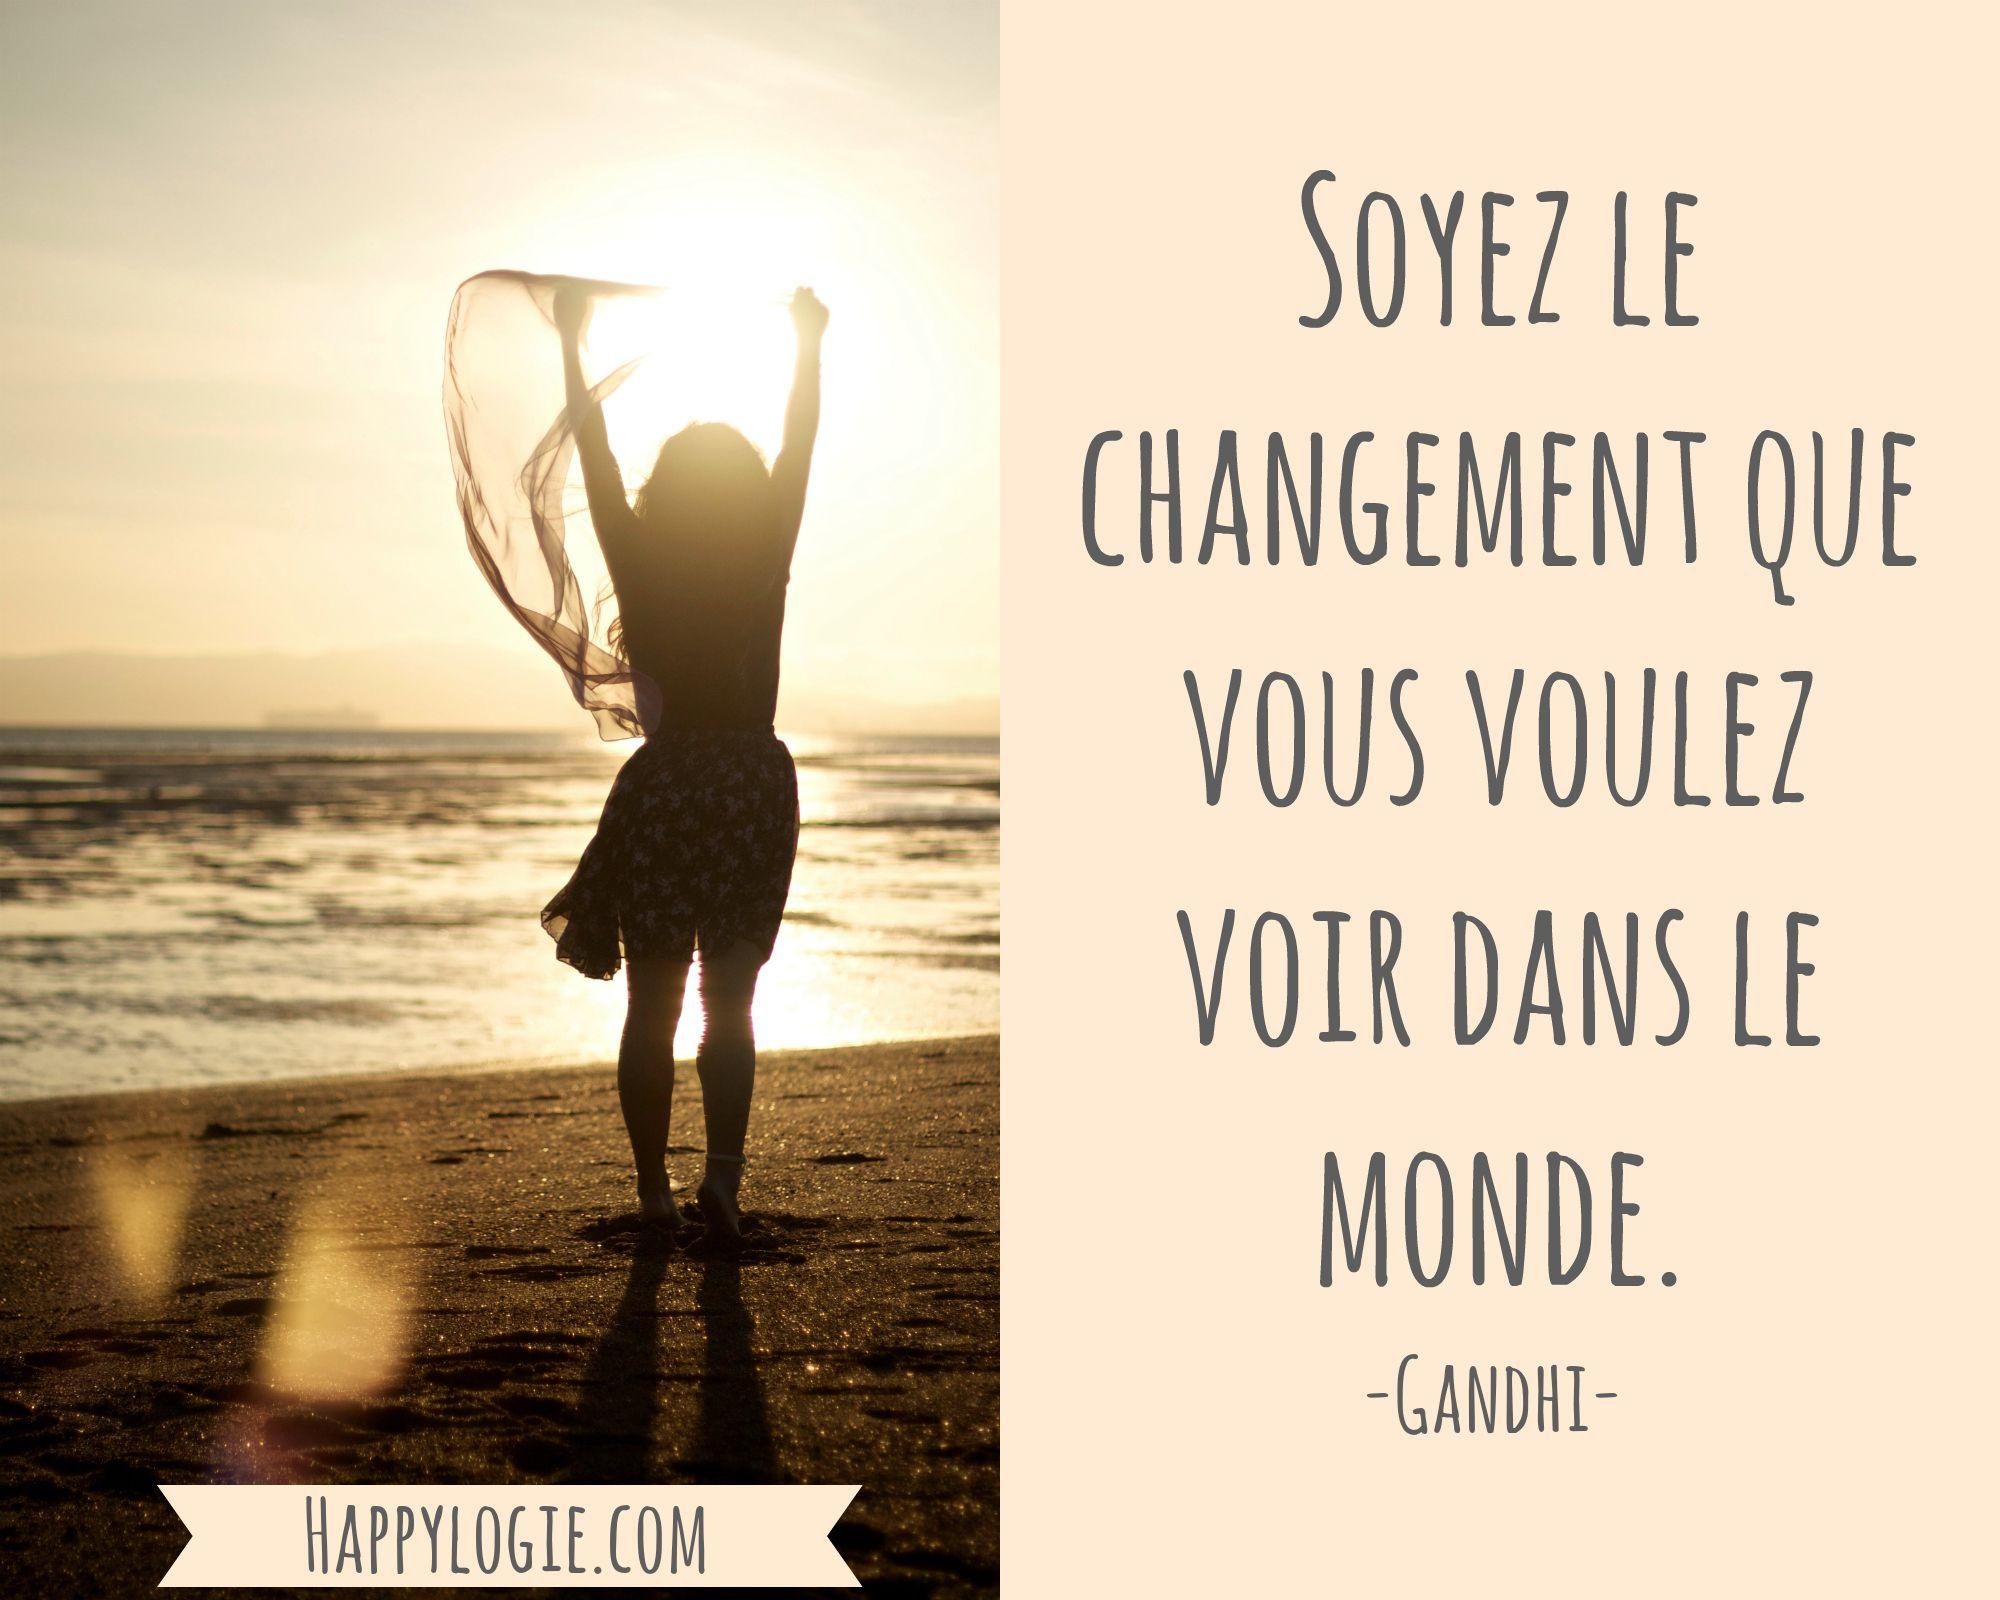 Citation en français -Soyez le changement que vous voulez voir dans le monde - Gandhi - Réalisation de soi, épanouissement, retour à l'essentiel, créer sa vie, être acteur de sa vie, être soi-même, briller, être soi-même, authenticité